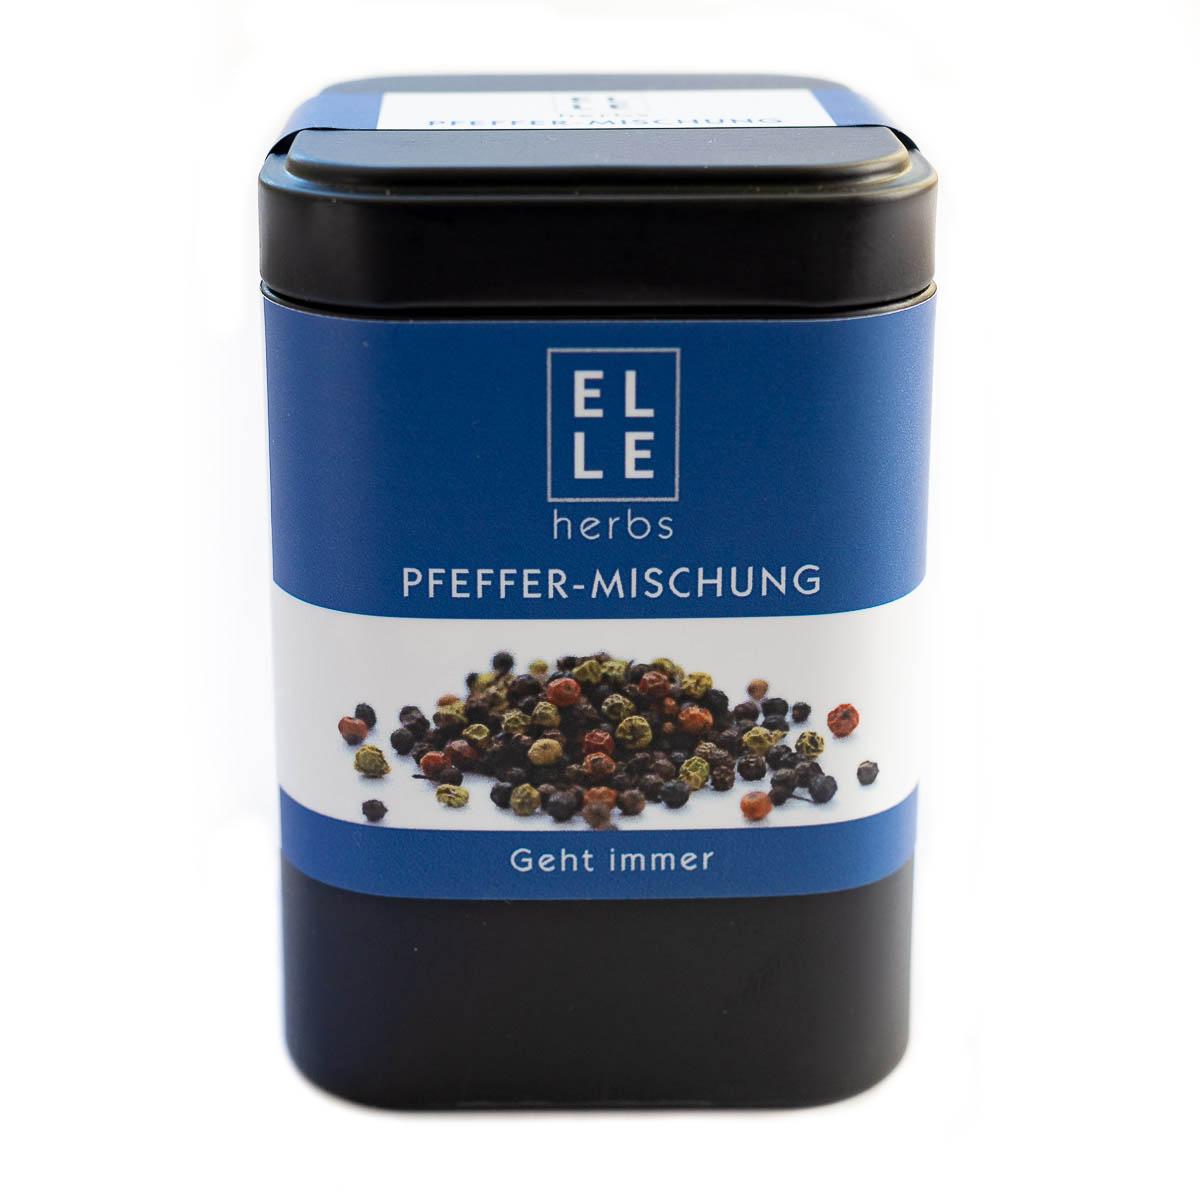 Pfeffer-Mischung von Elle Herbs